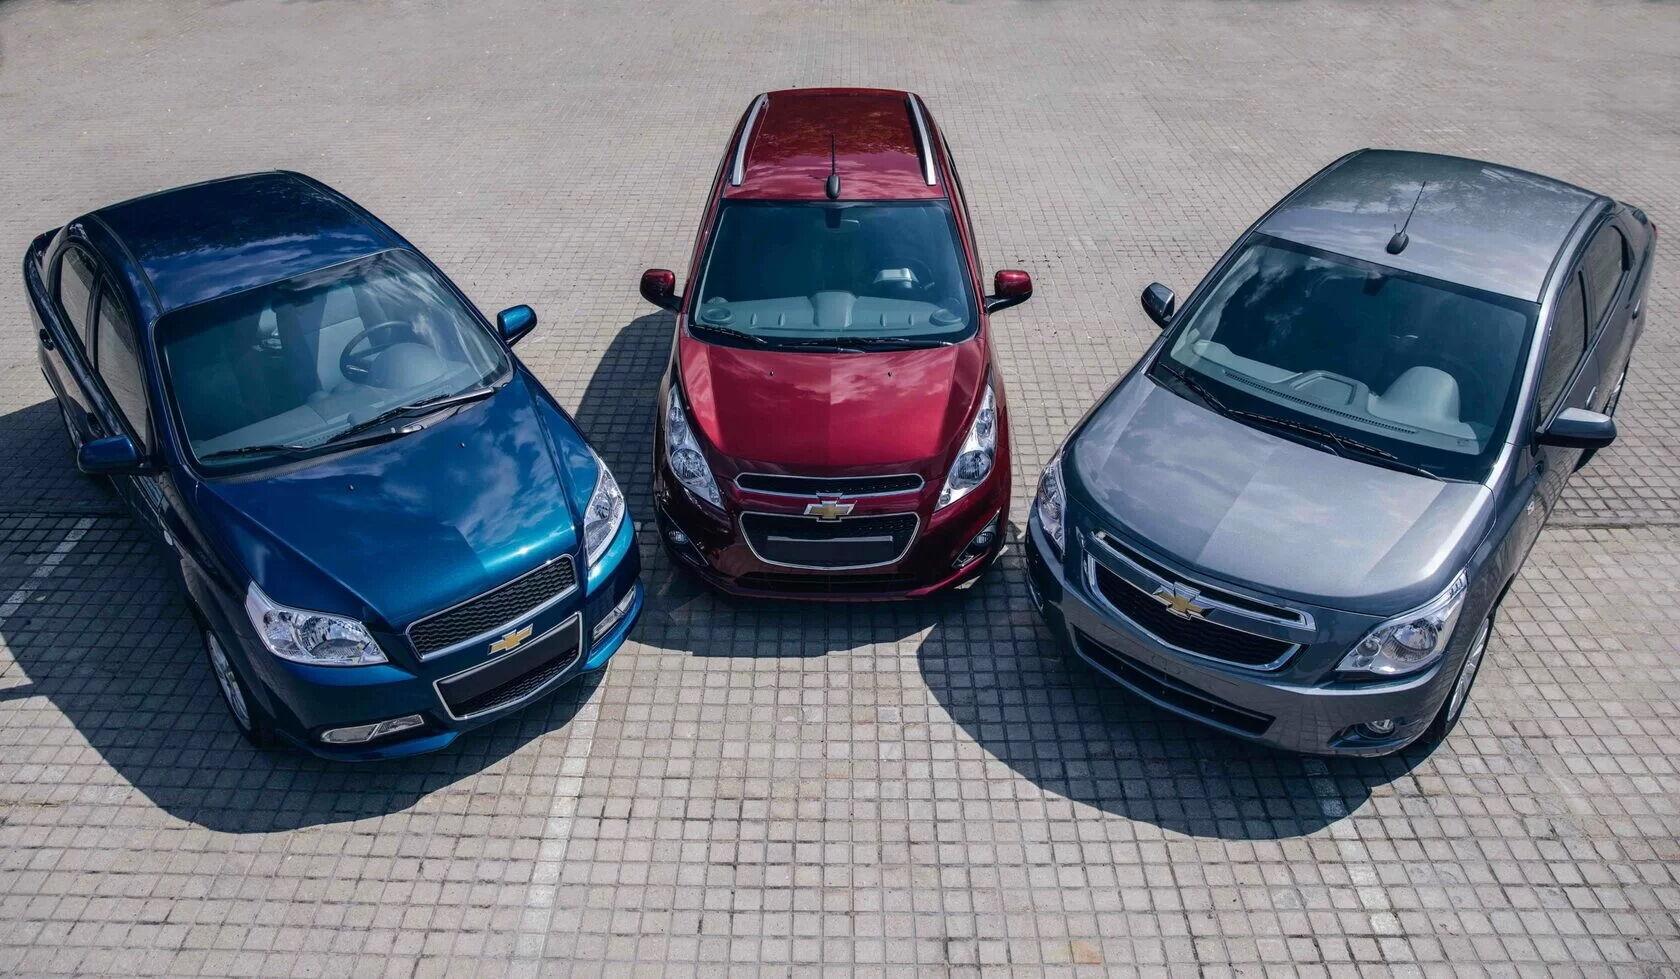 Спочатку на ринку будуть представлені три моделі Spark, Cobalt і Nexia